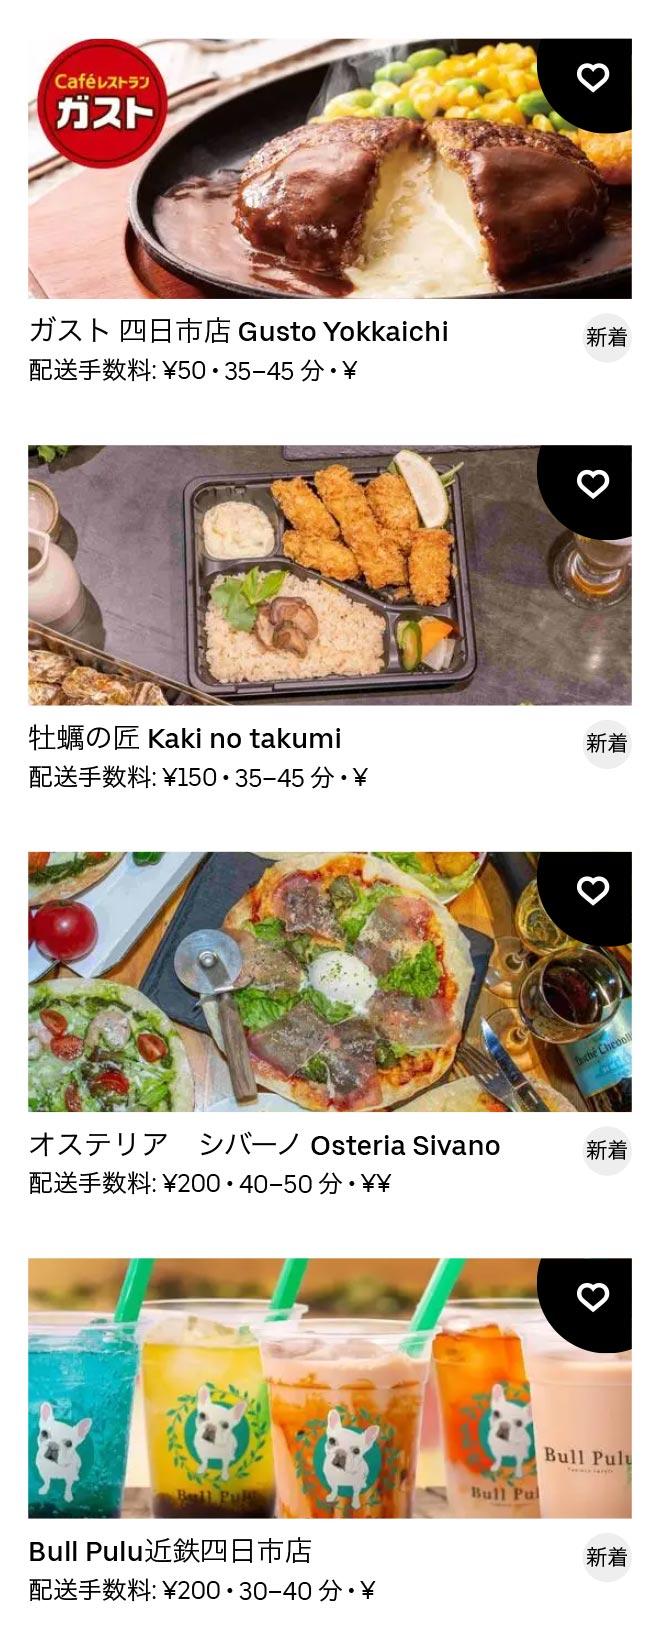 Minami hinaga menu 2012 04